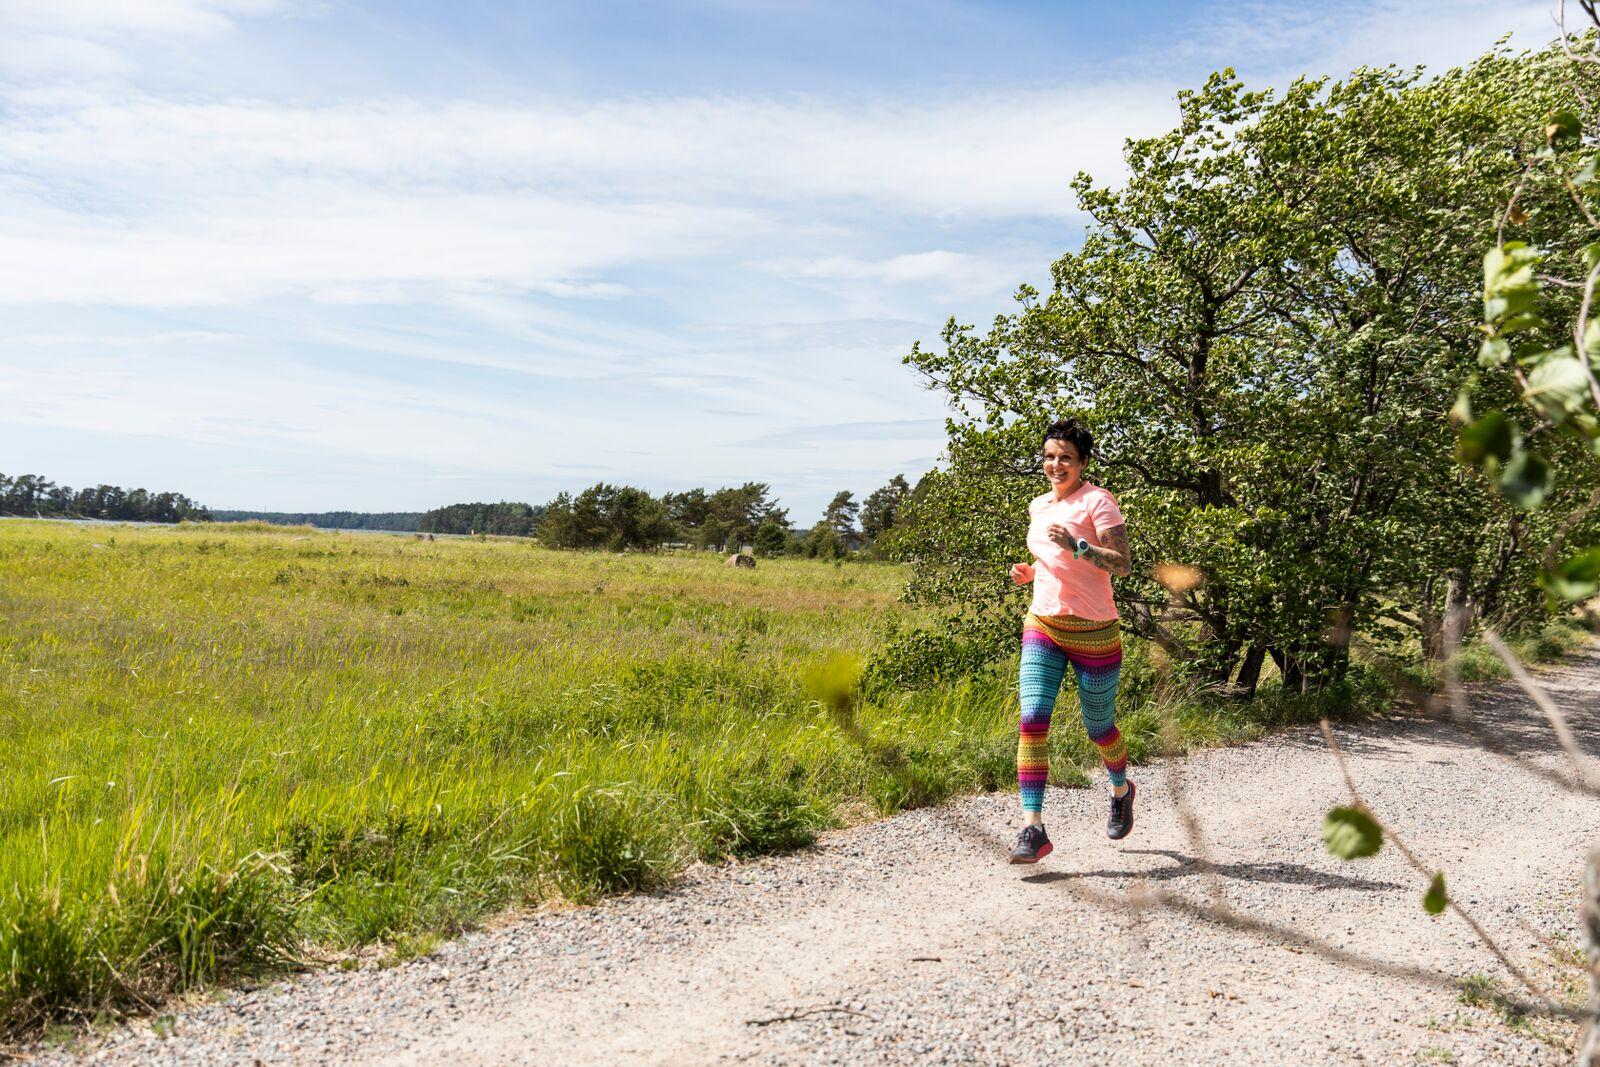 Elän kuin urheilija – samalla treenini inspiroivat, ärsyttävät ja aiheuttavat huolta